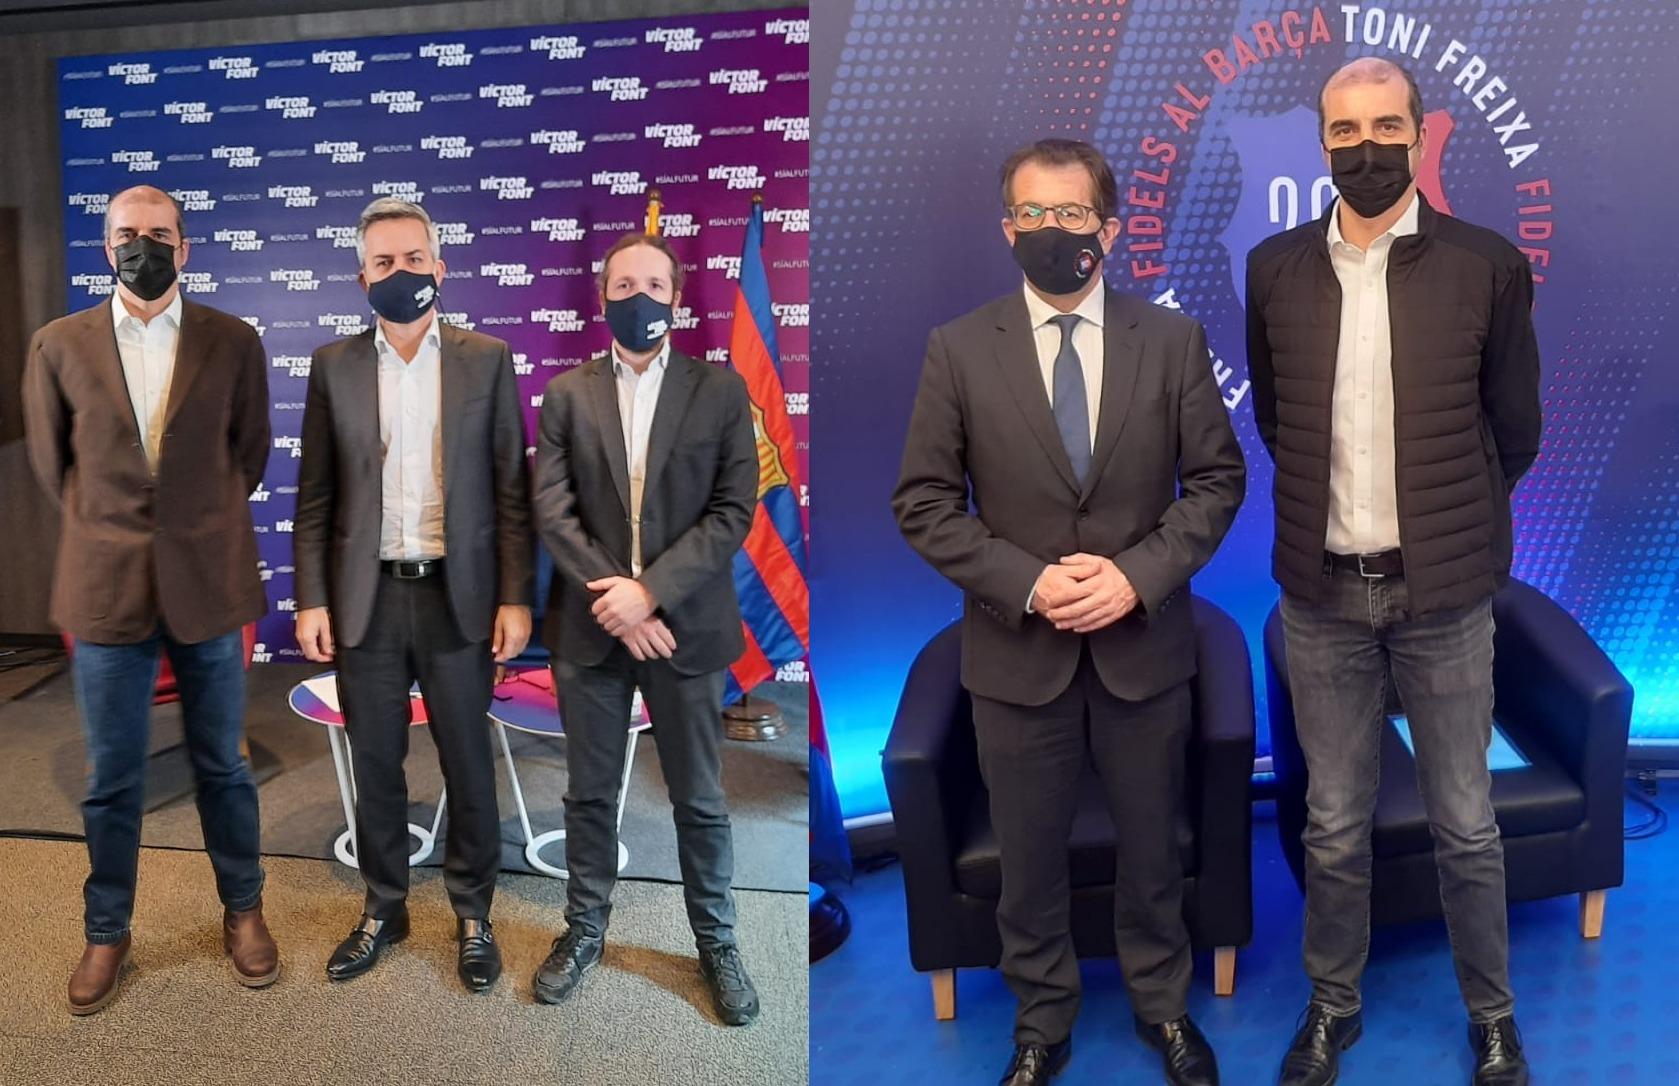 El president de Seguiment FCB, Carles Ordiales, amb els candidats Víctor Font i Toni Freixa.